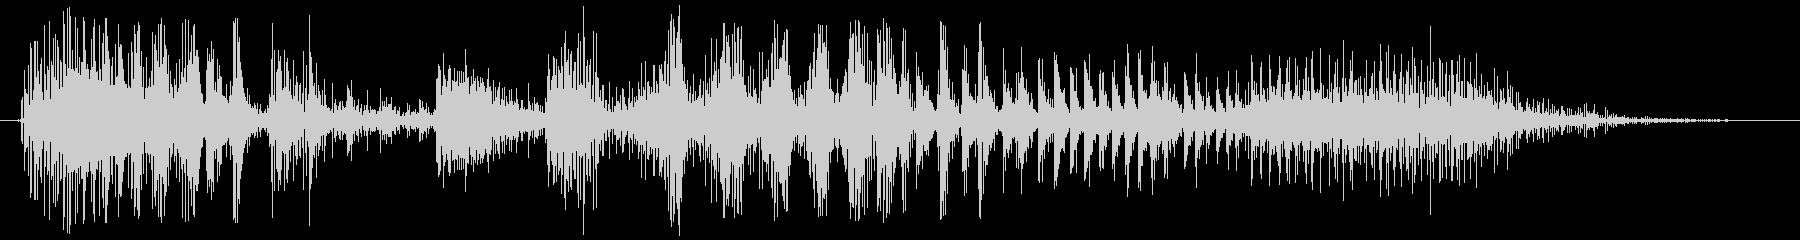 ノイズ スカットル03の未再生の波形